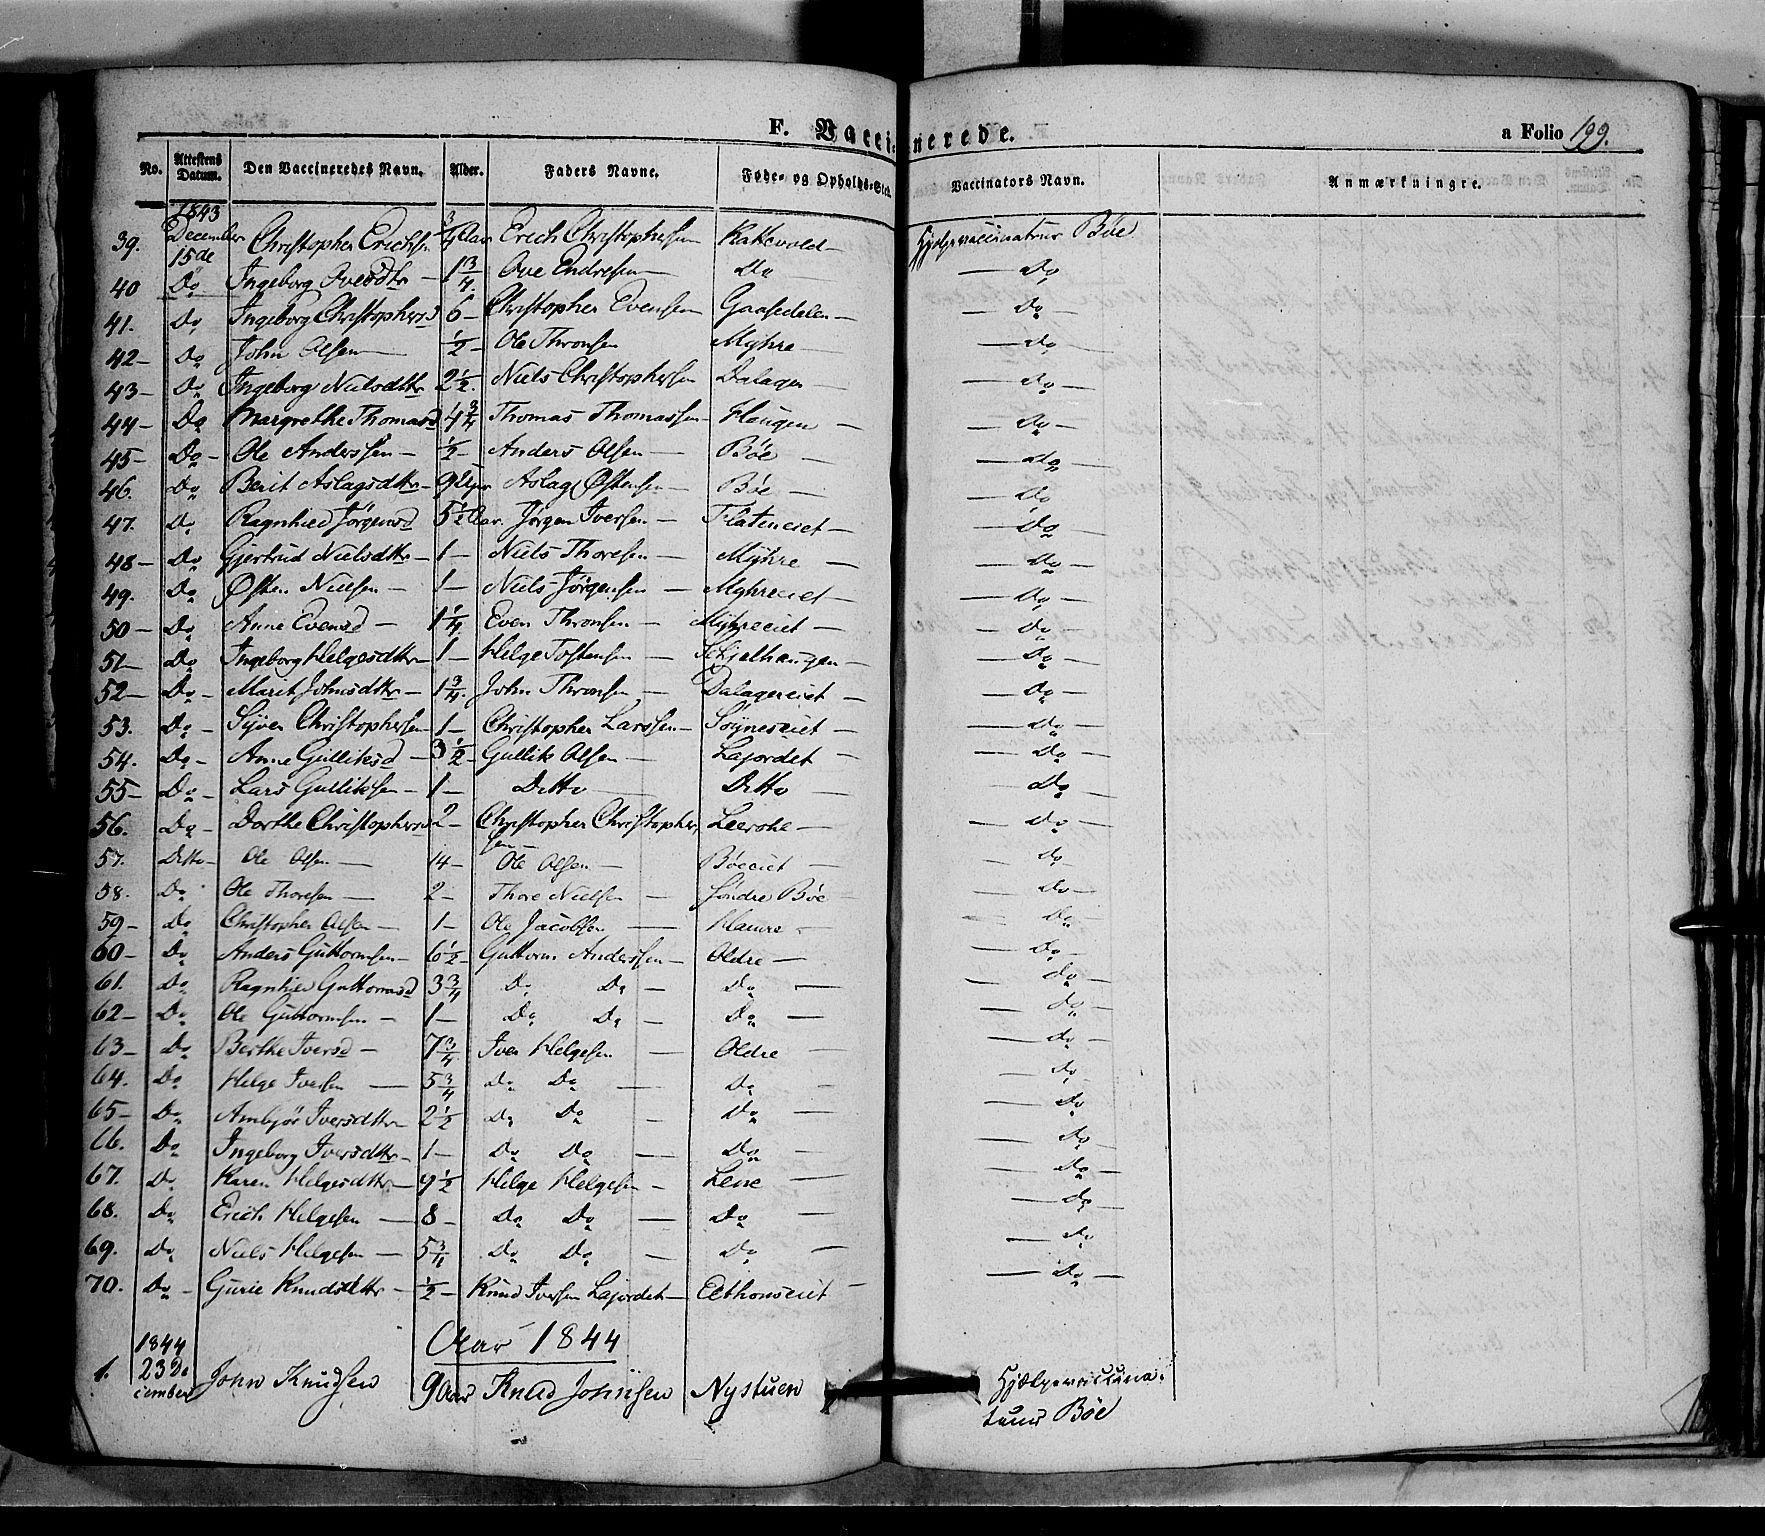 SAH, Vang prestekontor, Valdres, Ministerialbok nr. 5, 1831-1845, s. 199